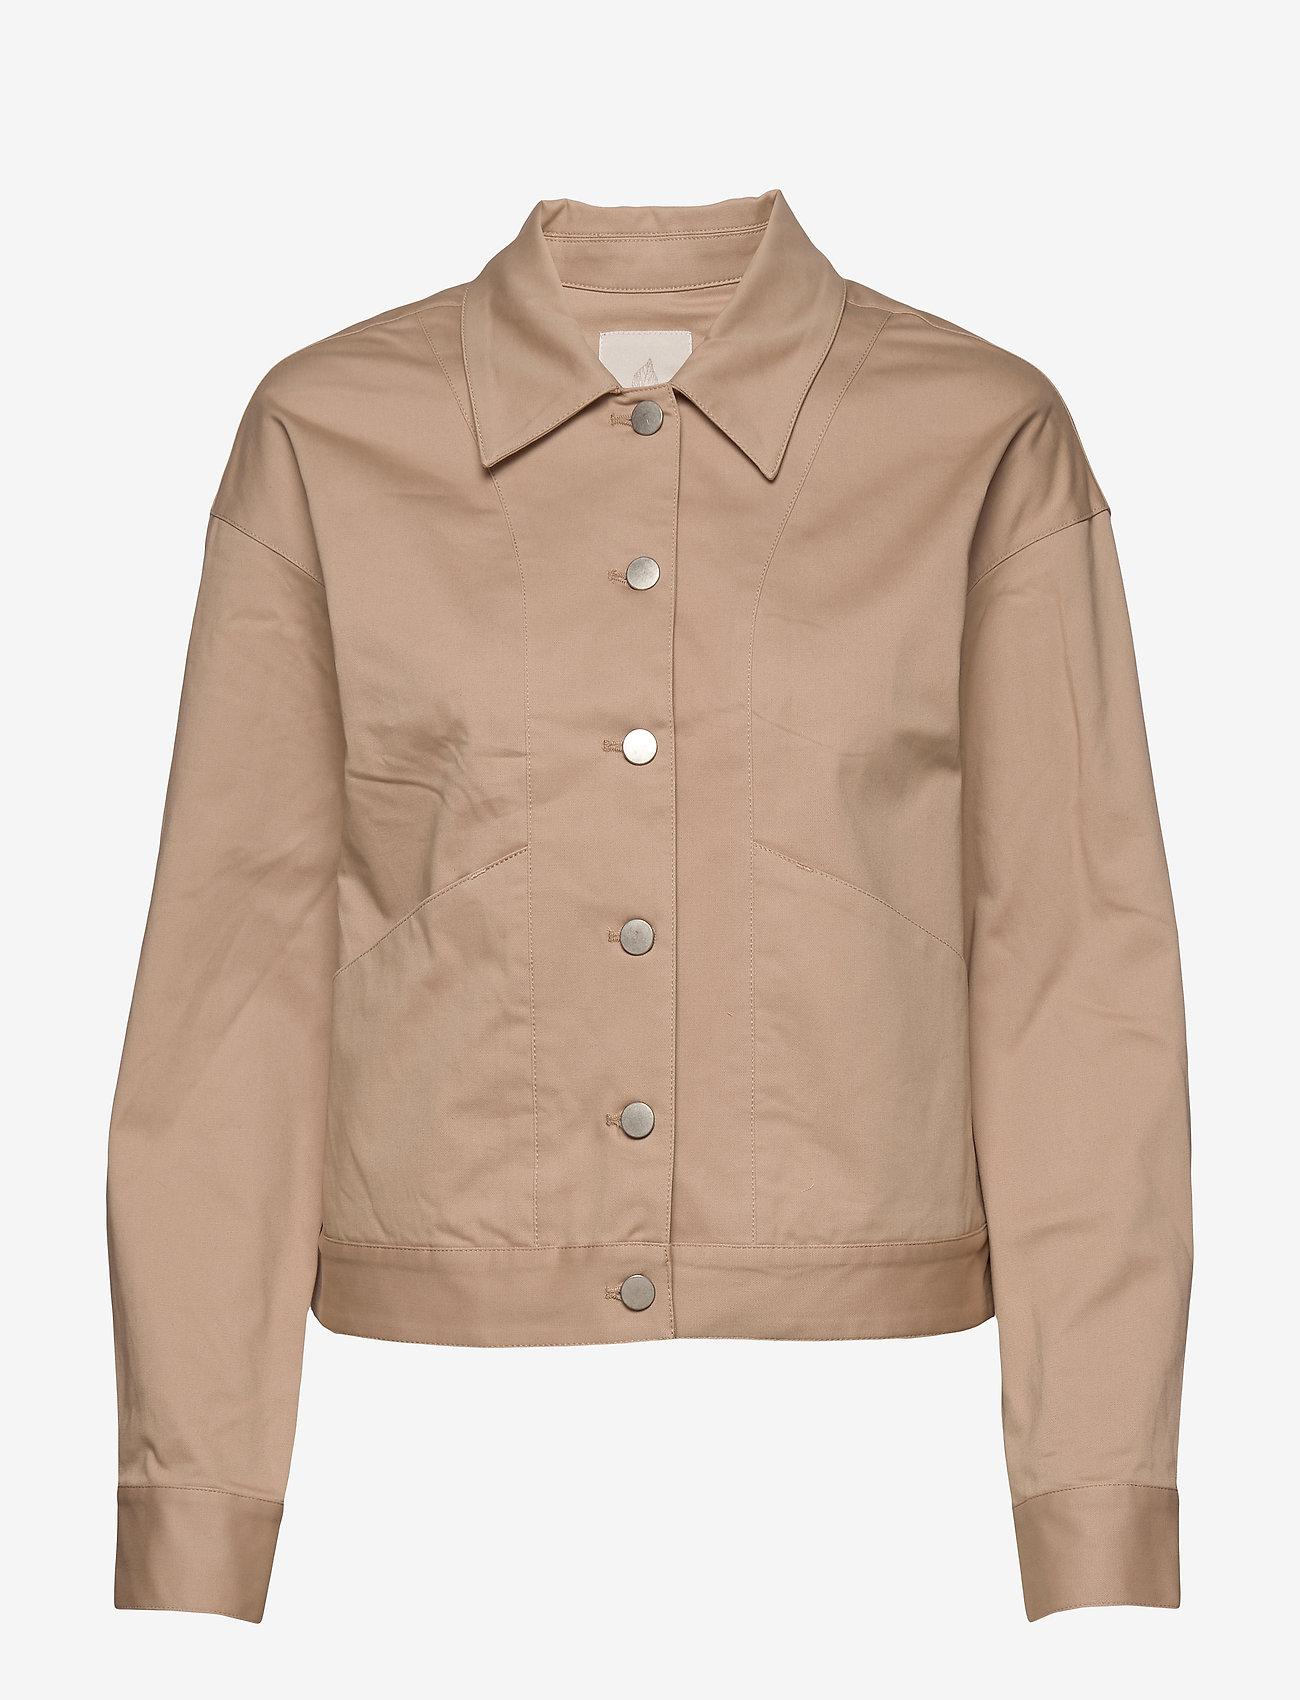 Minus - Calina jacket - lichte jassen - nomad sand - 0